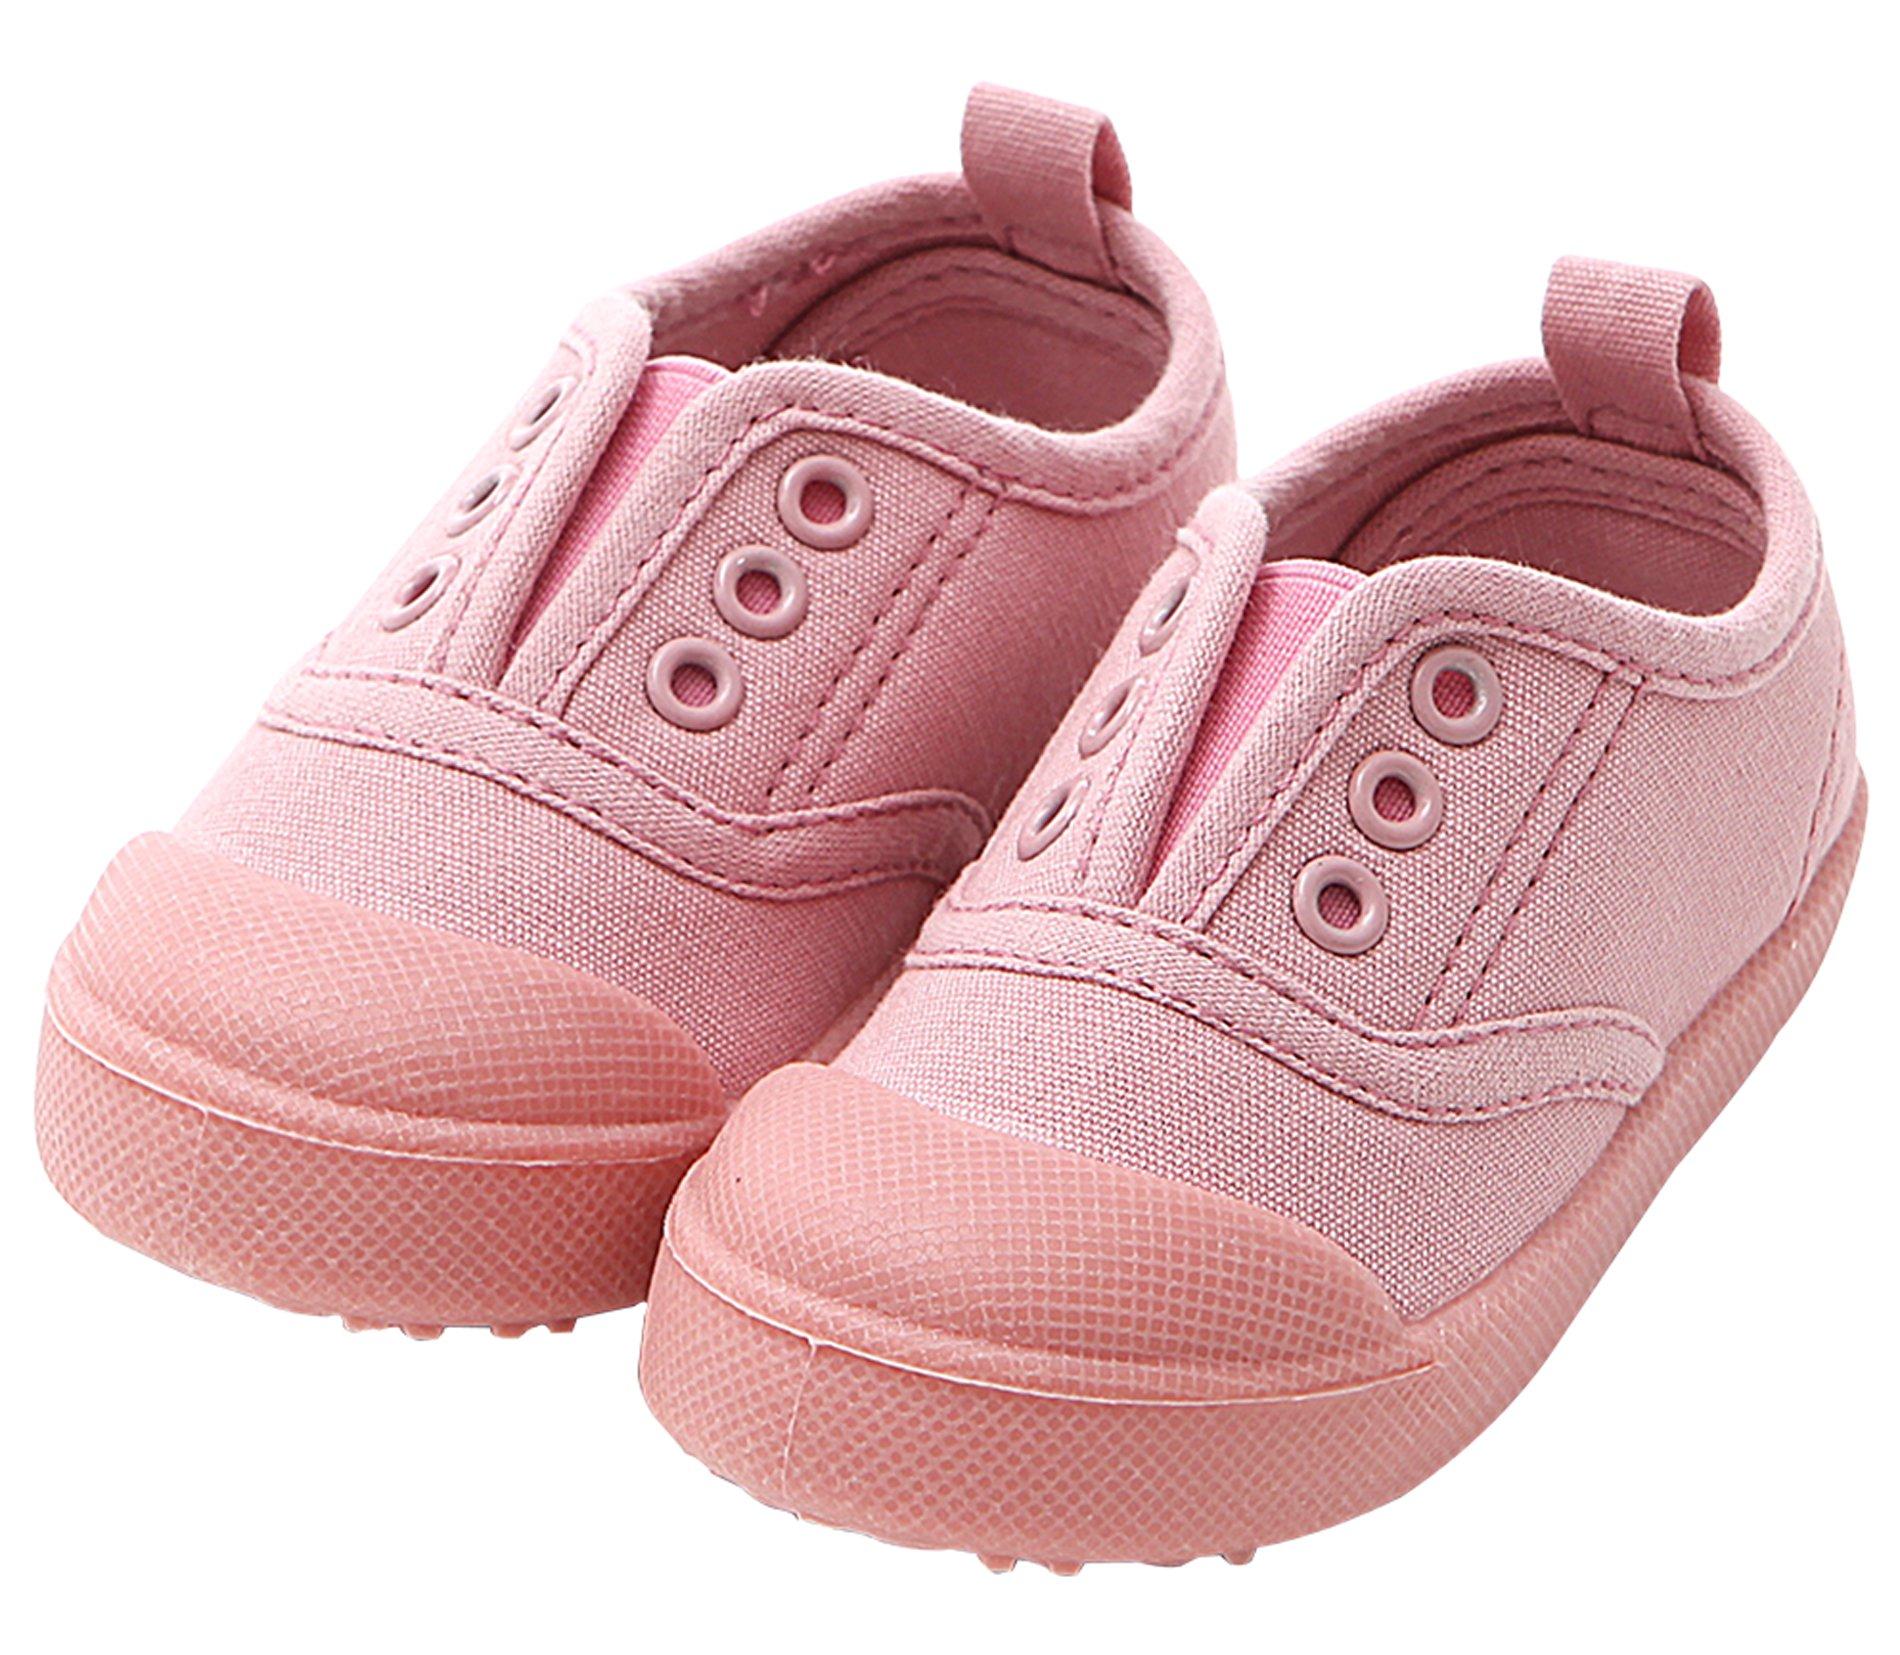 Ozkiz Boys Girls Shoes Slip-on Casual Canvas Sneaker for Toddler/ Little Kid pk 8M